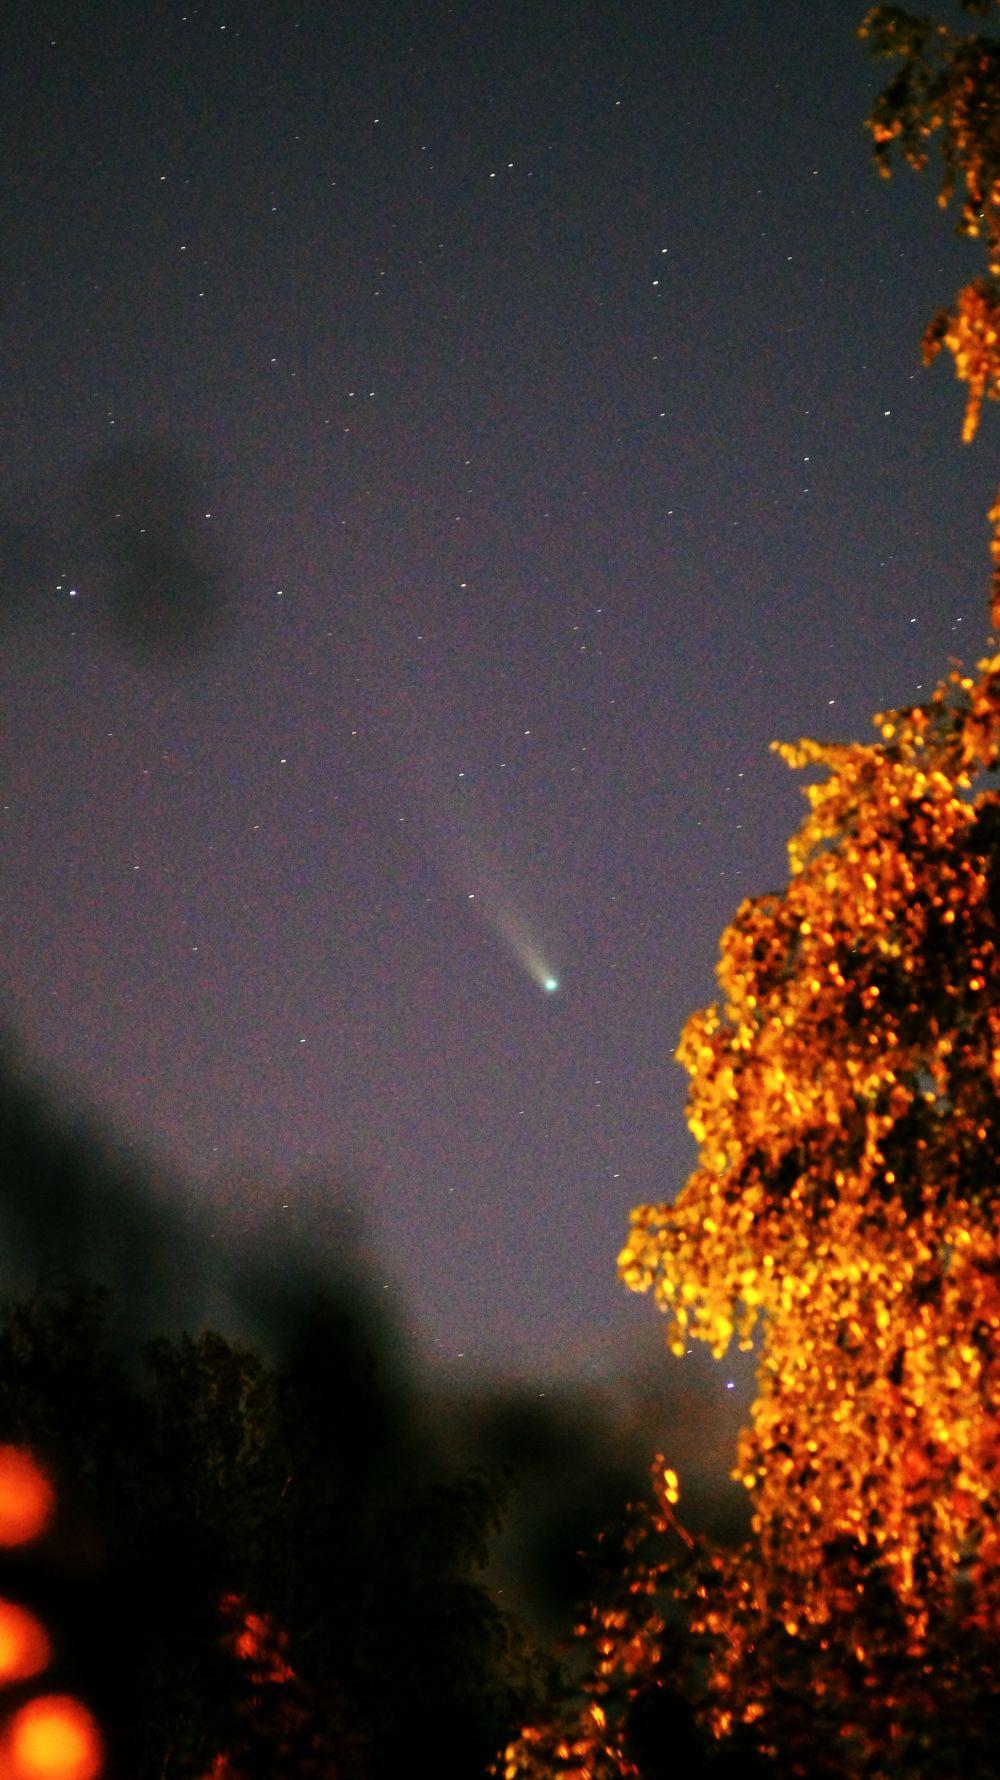 Комета c/2020 F3 (NEOWISE). 23.07.2020